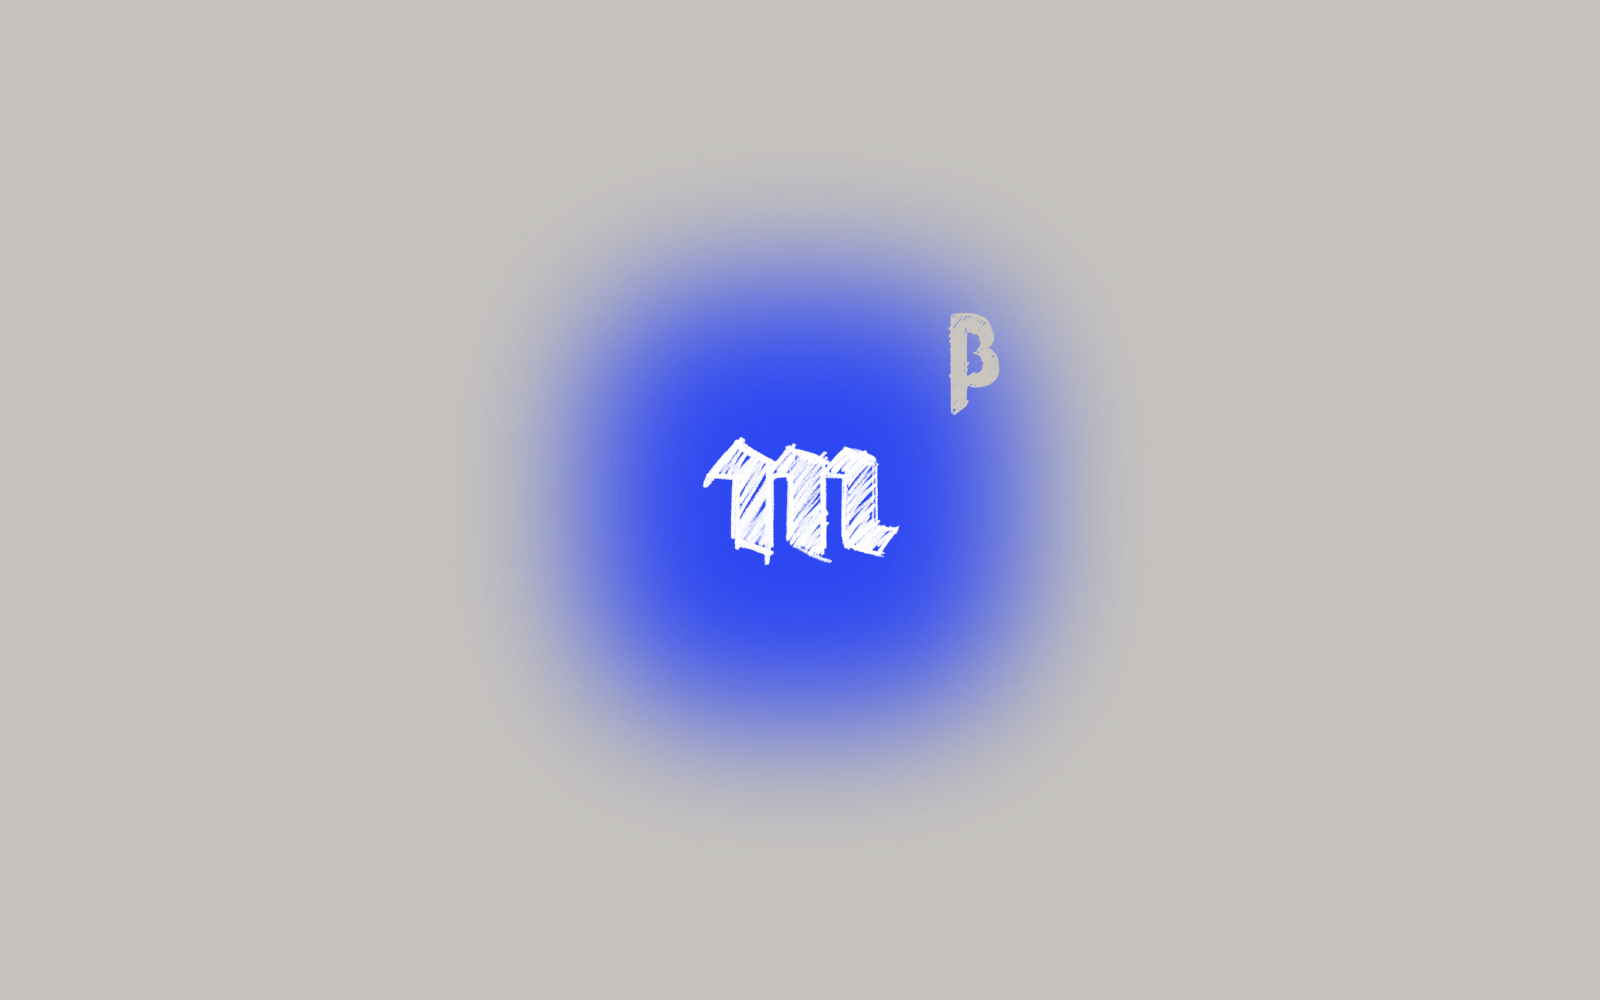 Как «Медуза» организовала бета-тест нового приложения с читателями и не облажалась - 1